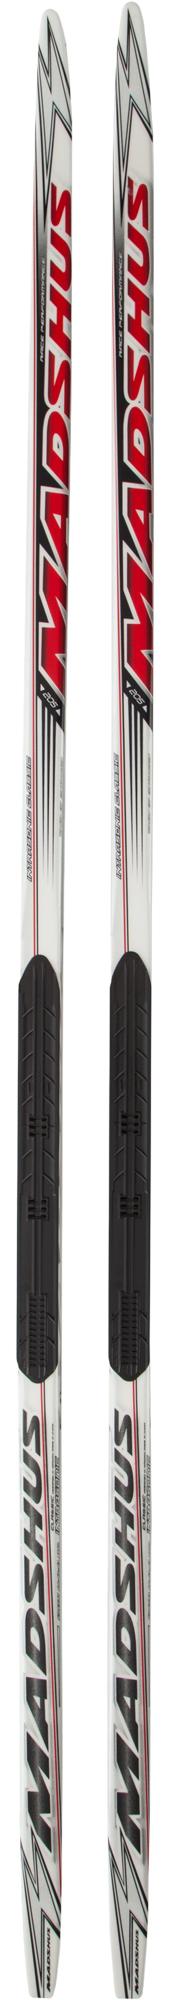 Madshus Беговые лыжи Madshus Intrasonic Classic лыжи беговые tisa top classic n90415